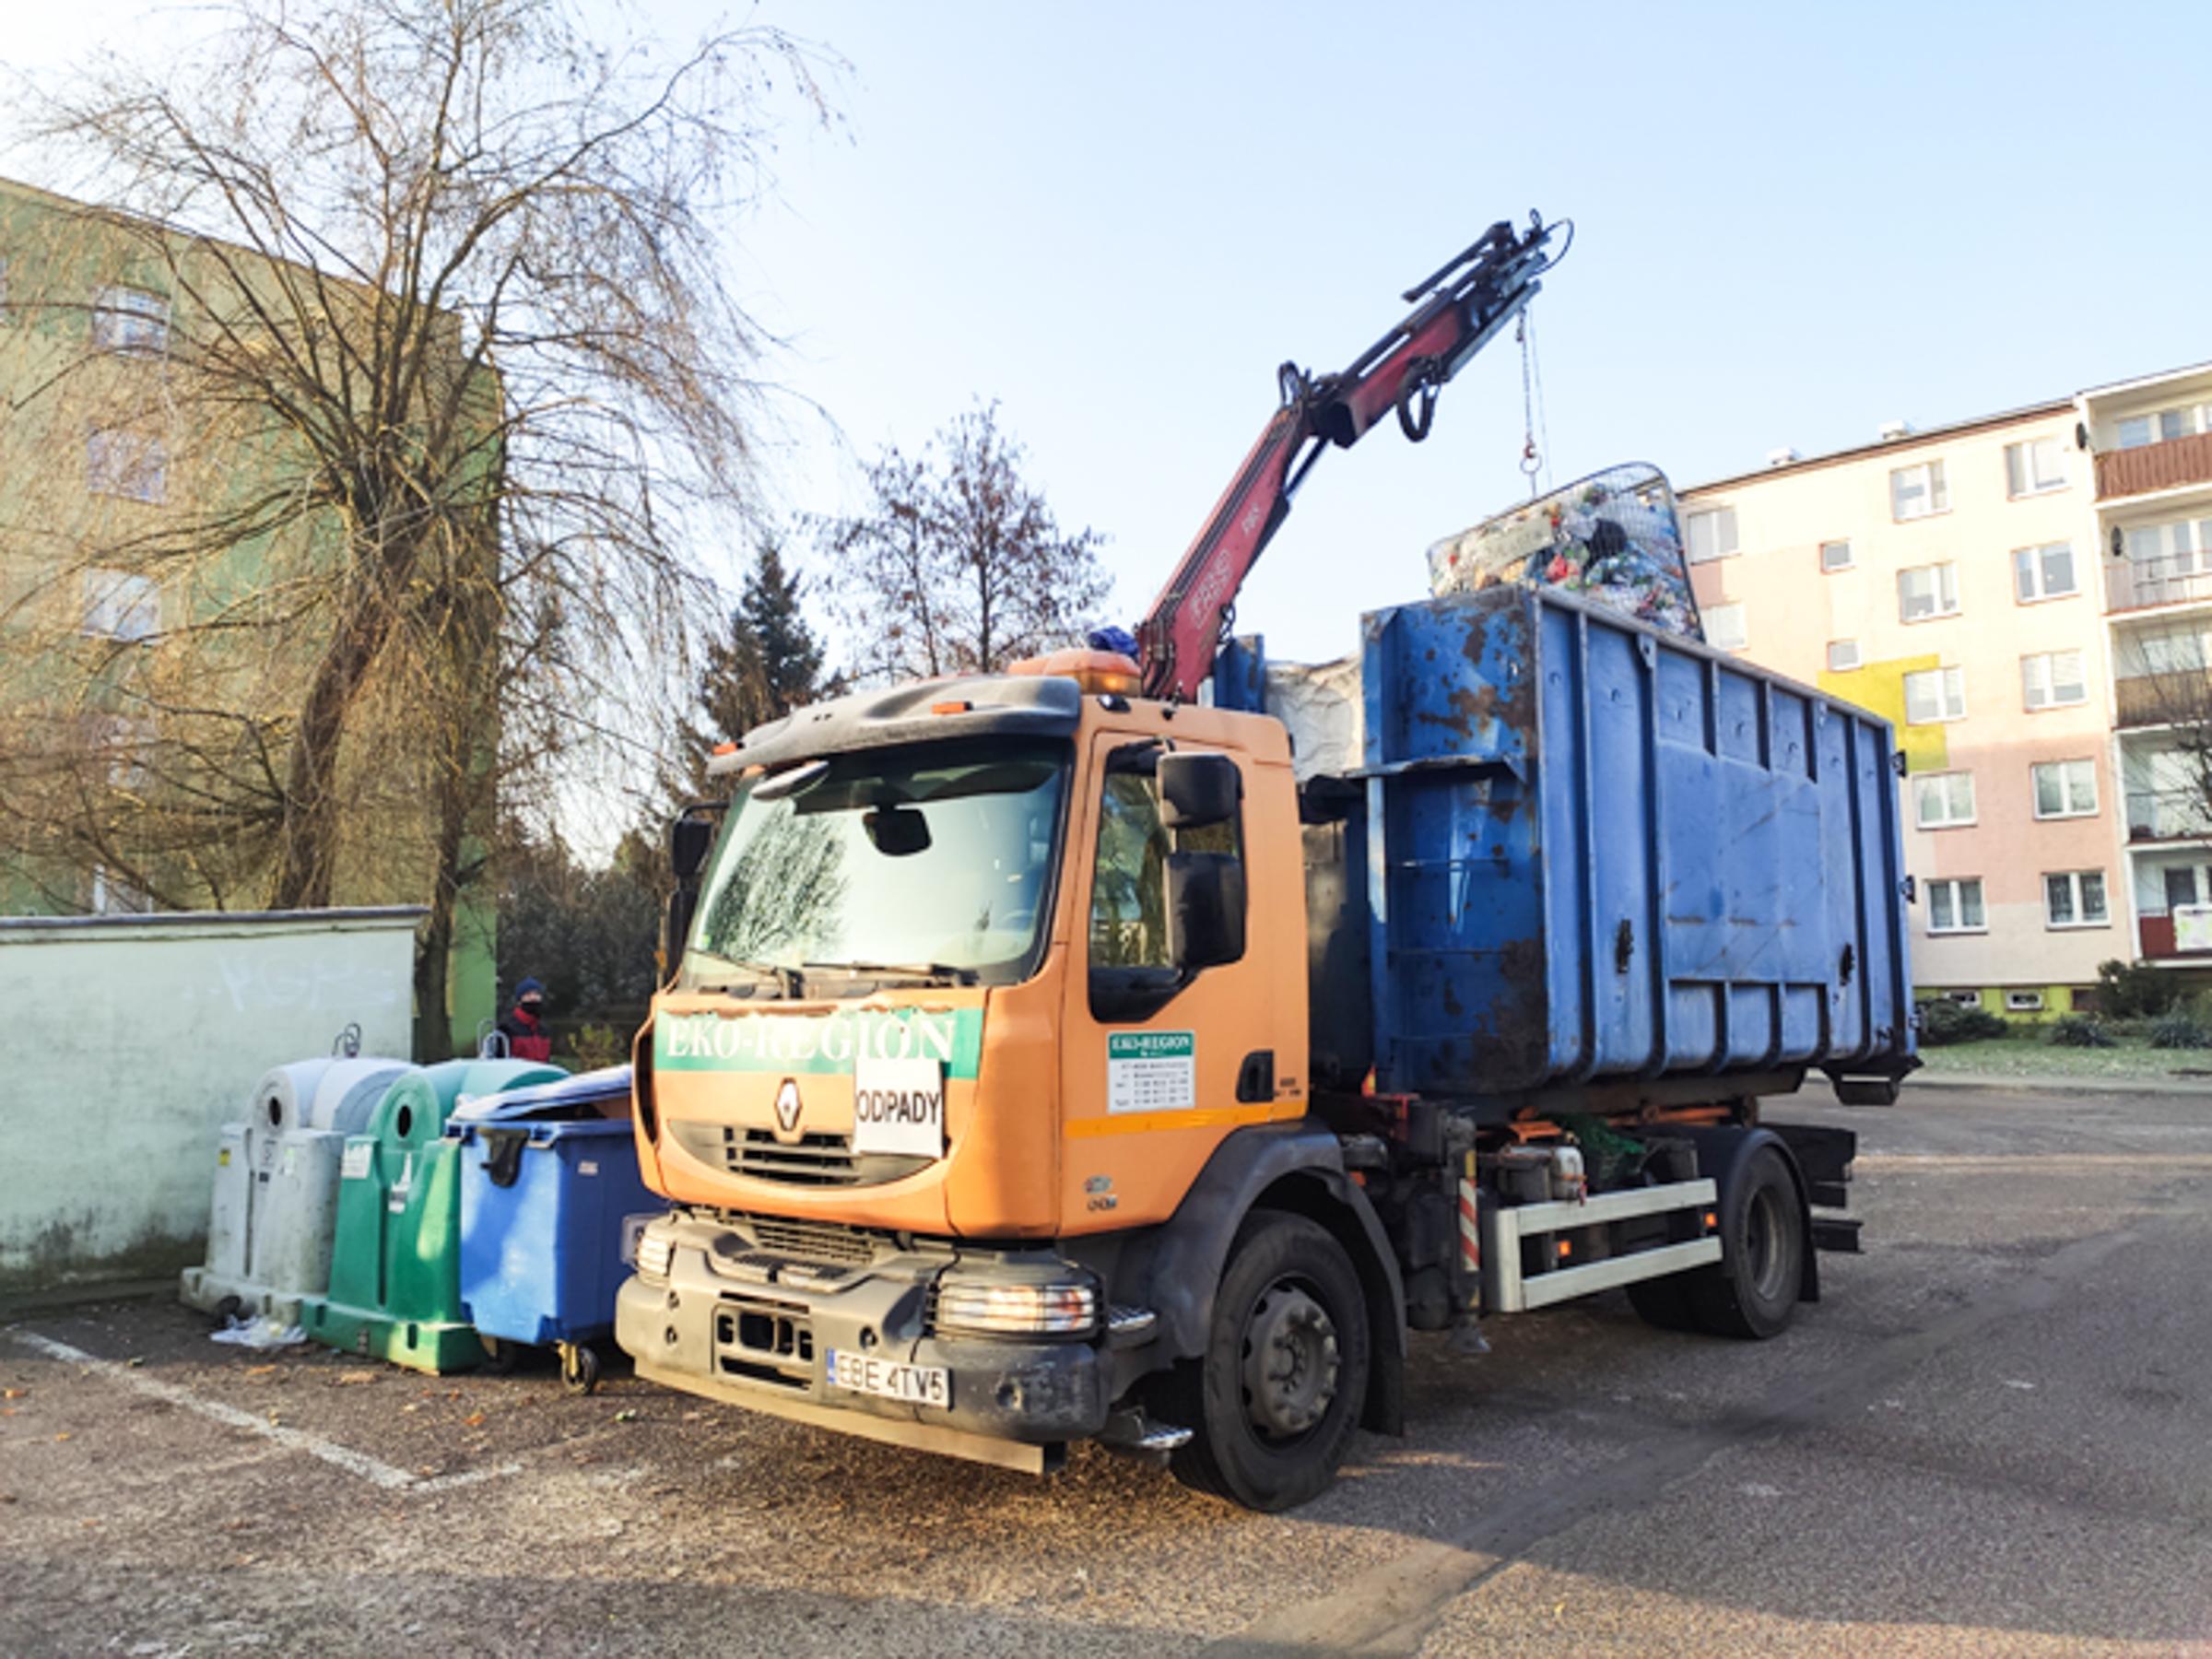 Klamka zapadła, śmieci w Bełchatowie zdrożeją. Którzy radni głosowali za podwyżką? - Zdjęcie główne